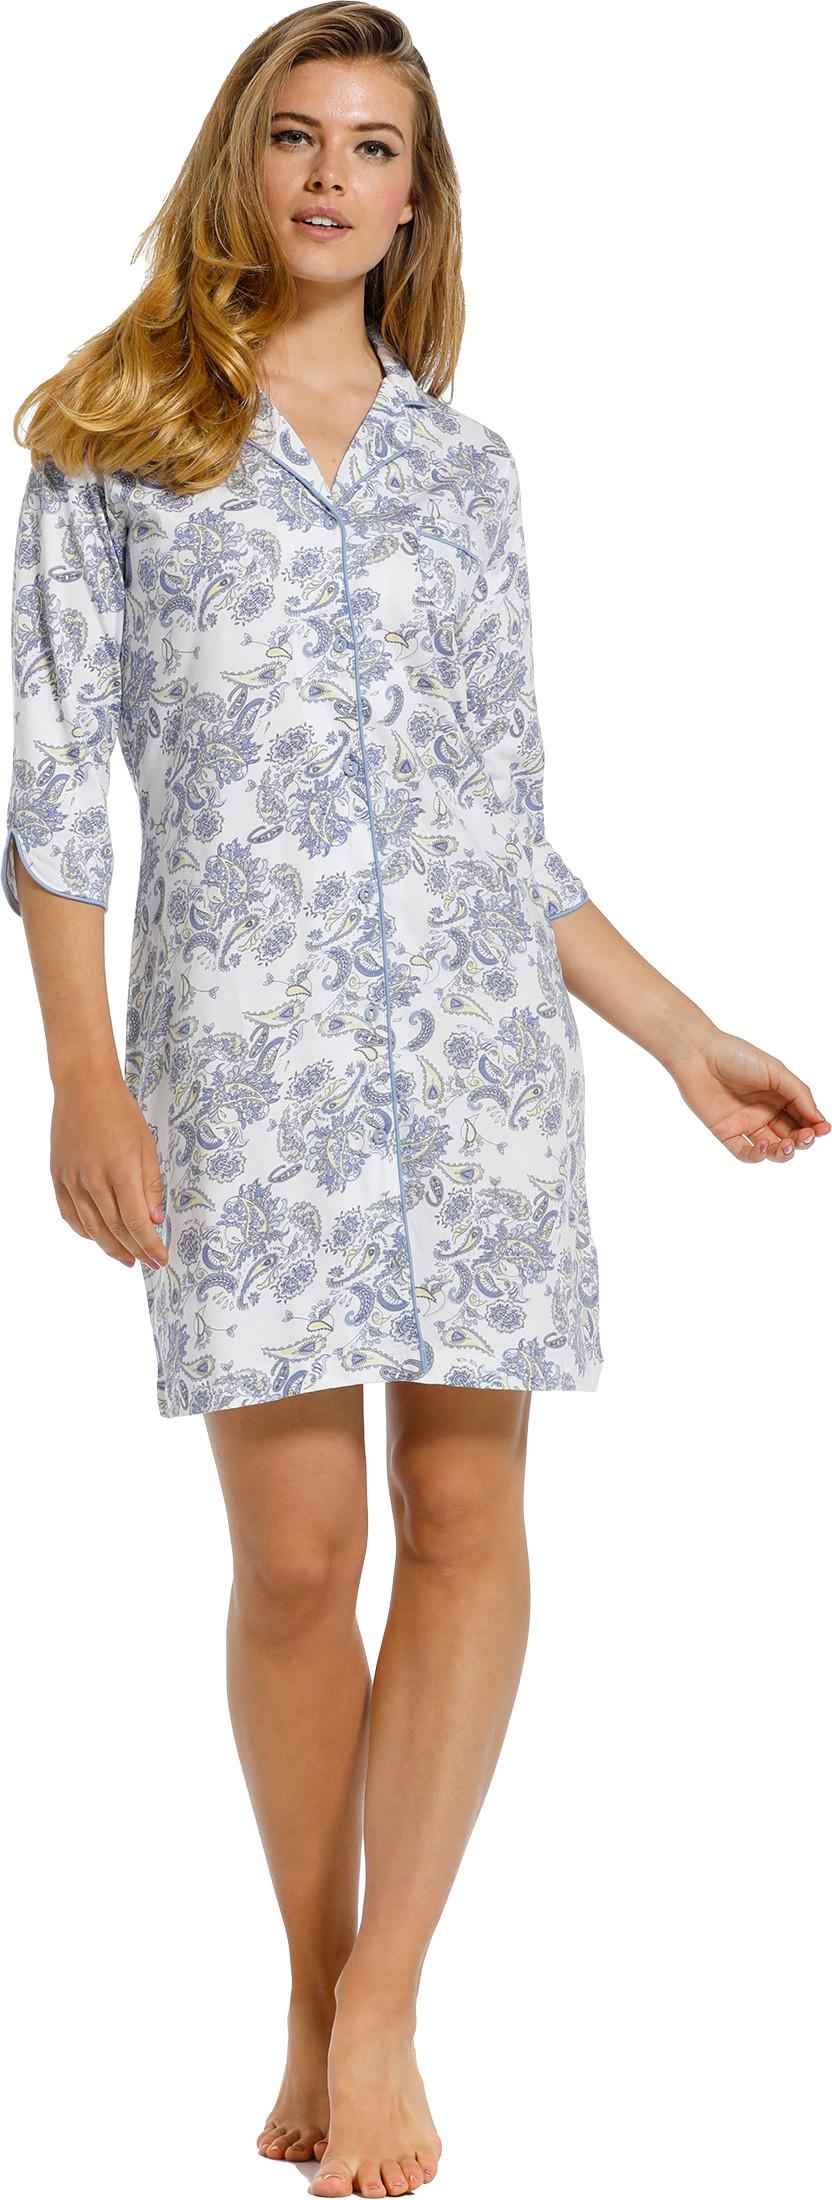 Dames nachthemd Pastunette 10211-110-6-38